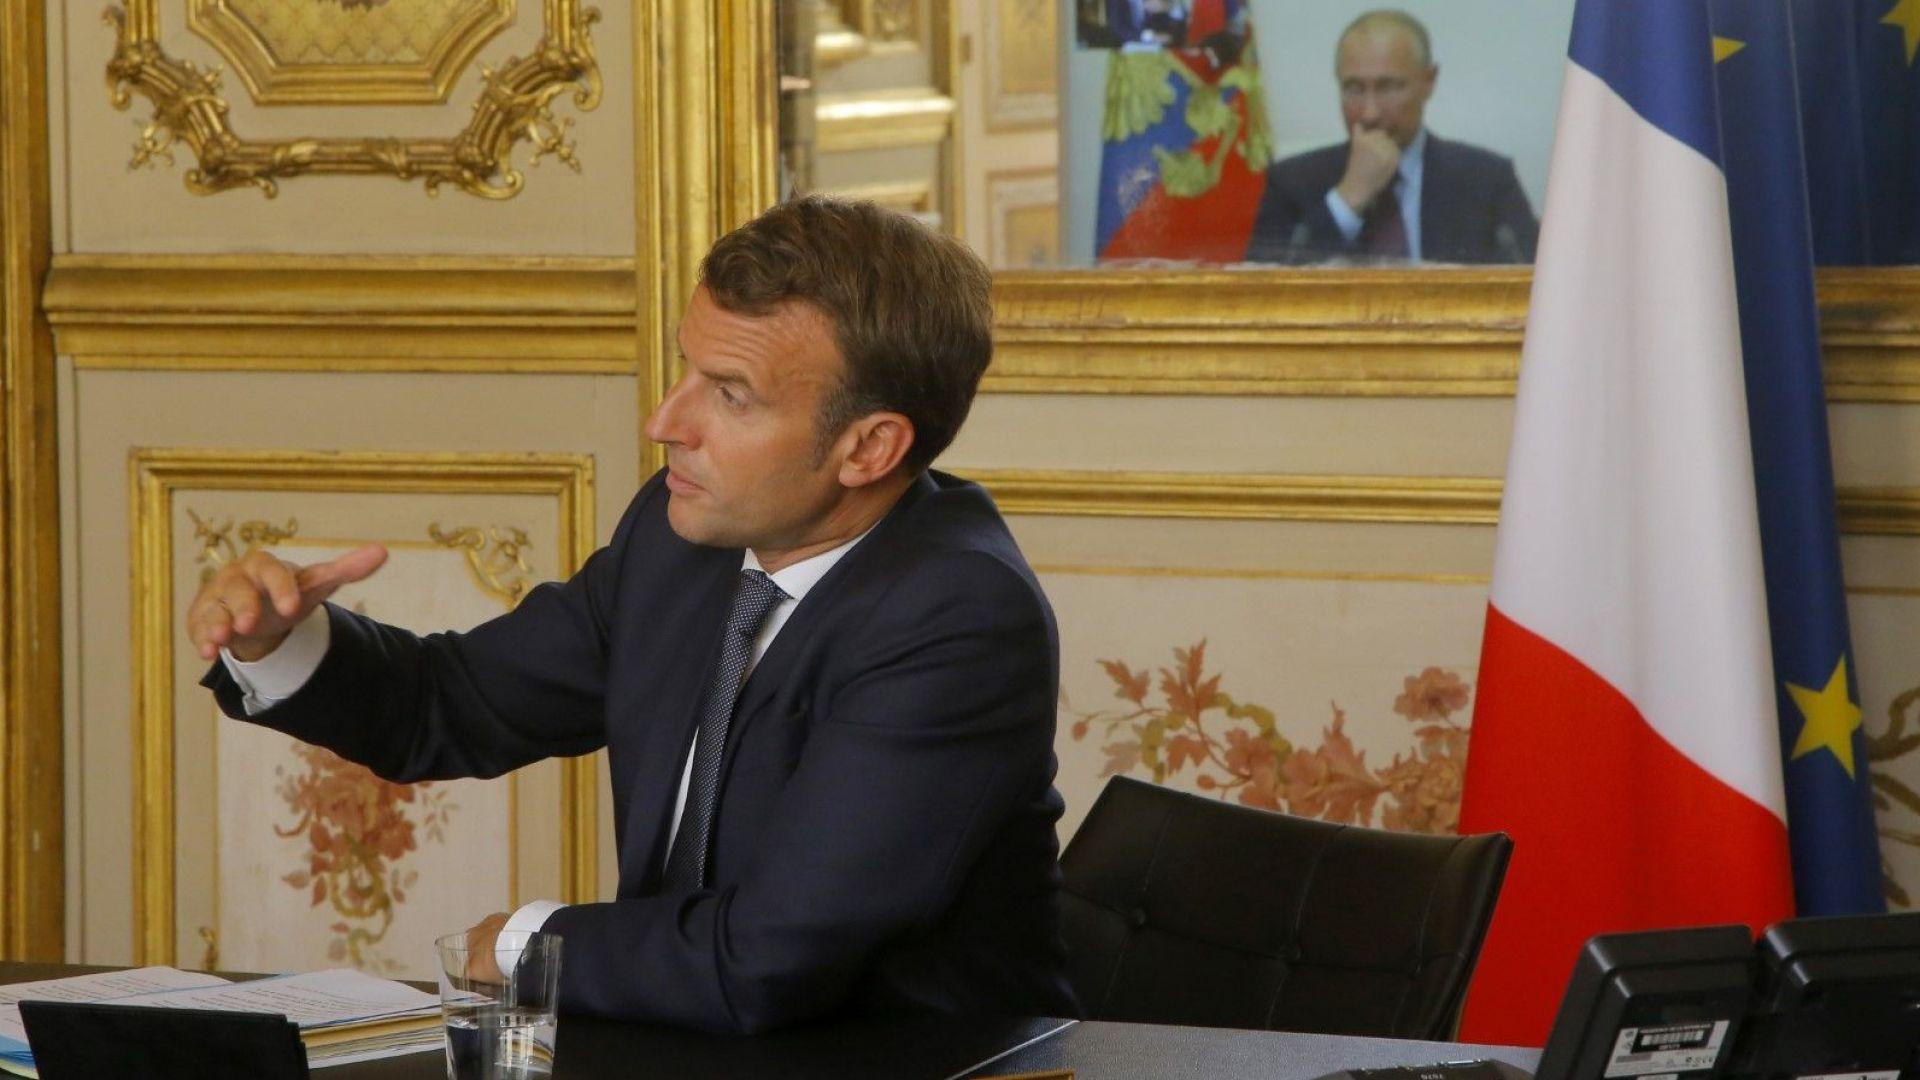 Макрон е уверен, че е възможно  постигането на напредък с Русия по ключови въпроси